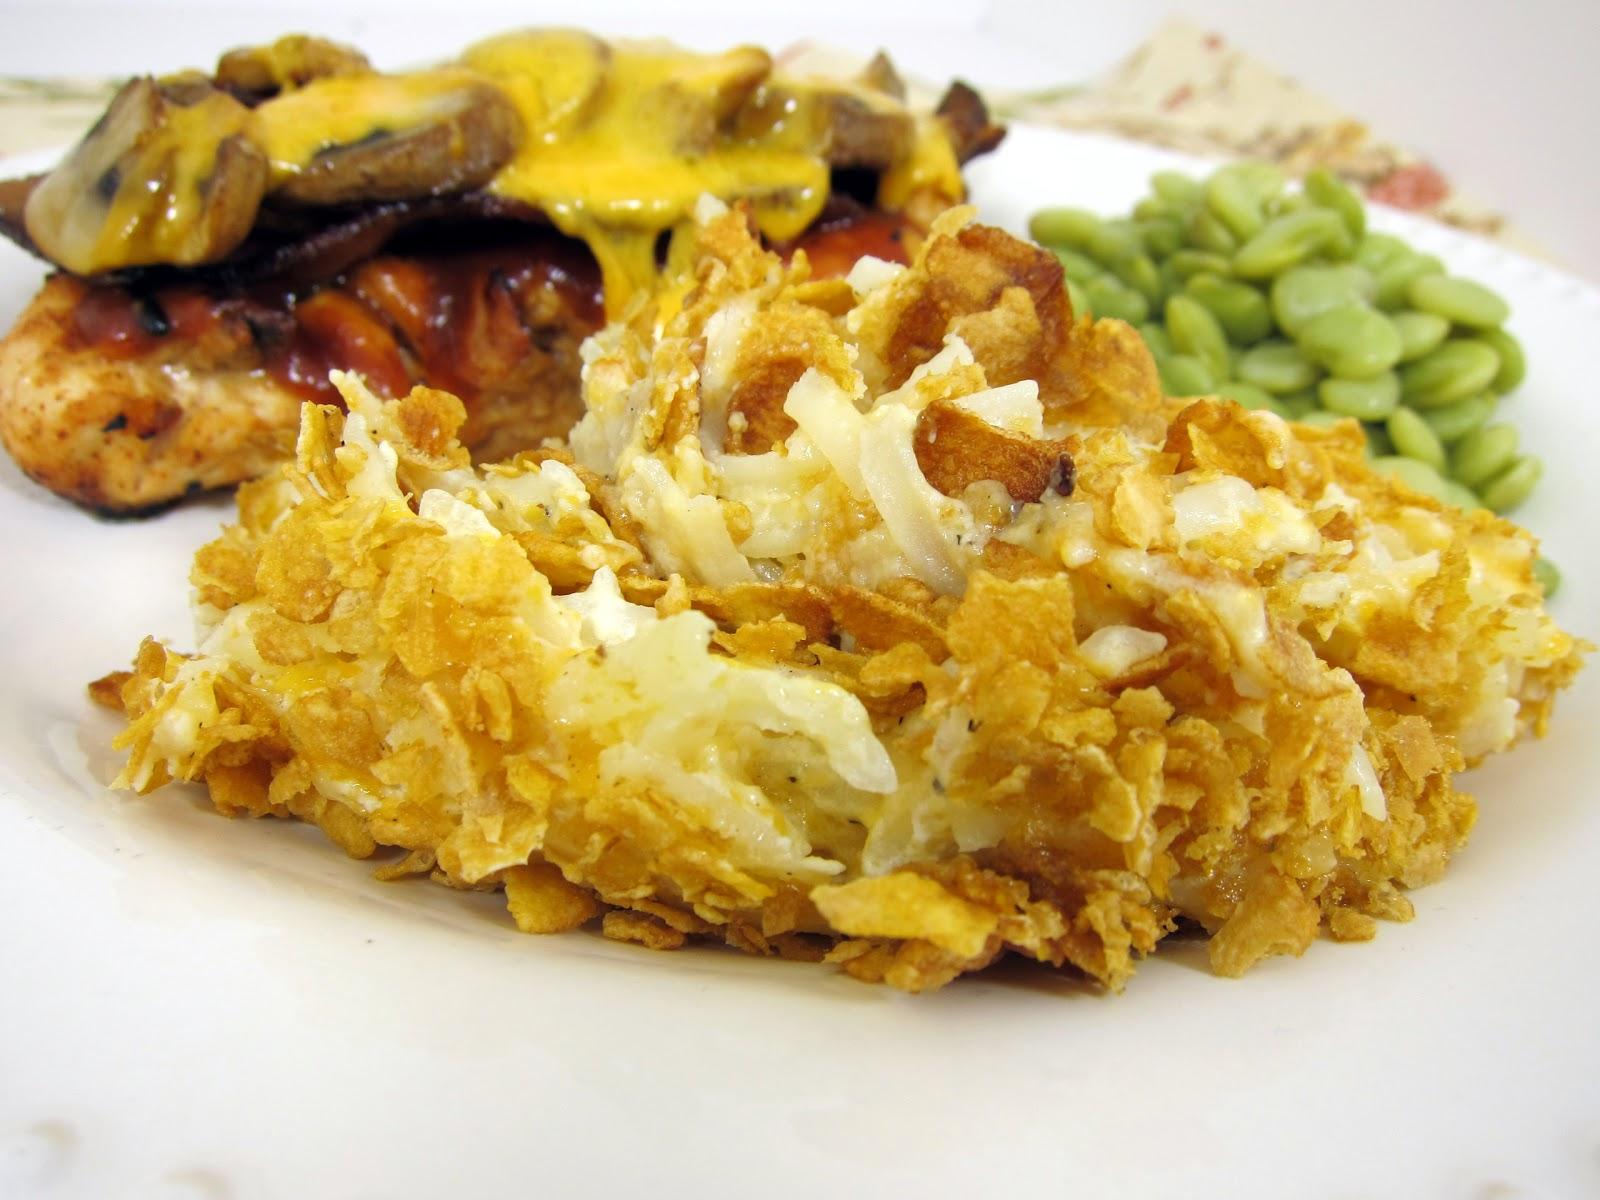 Cheesy Potato Casserole Recipe - frozen hash browns, cream of chicken ...